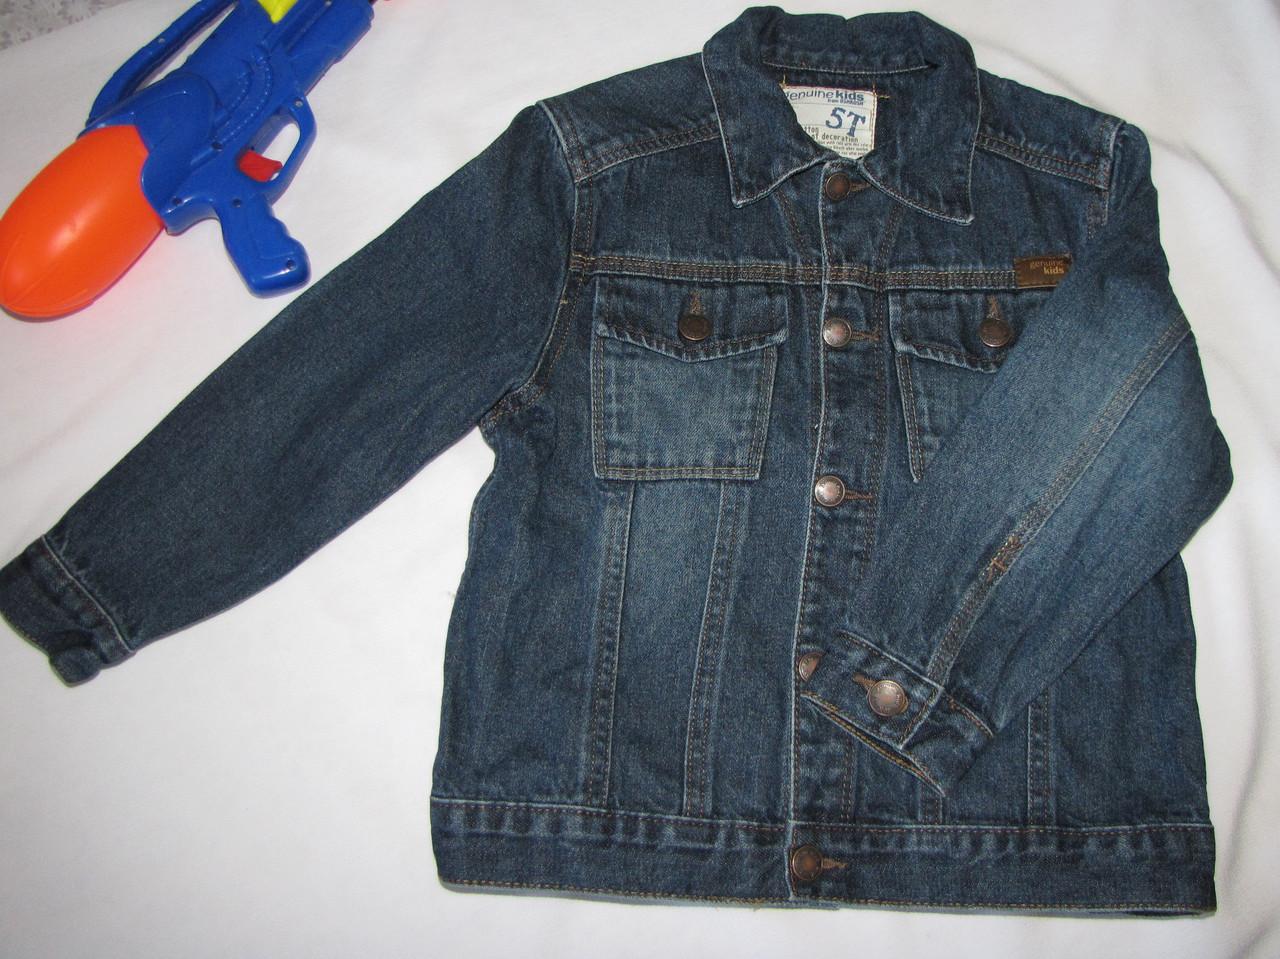 Джинсовая куртка  Genuine Kids оригинал рост 110 см темно синяя 07136